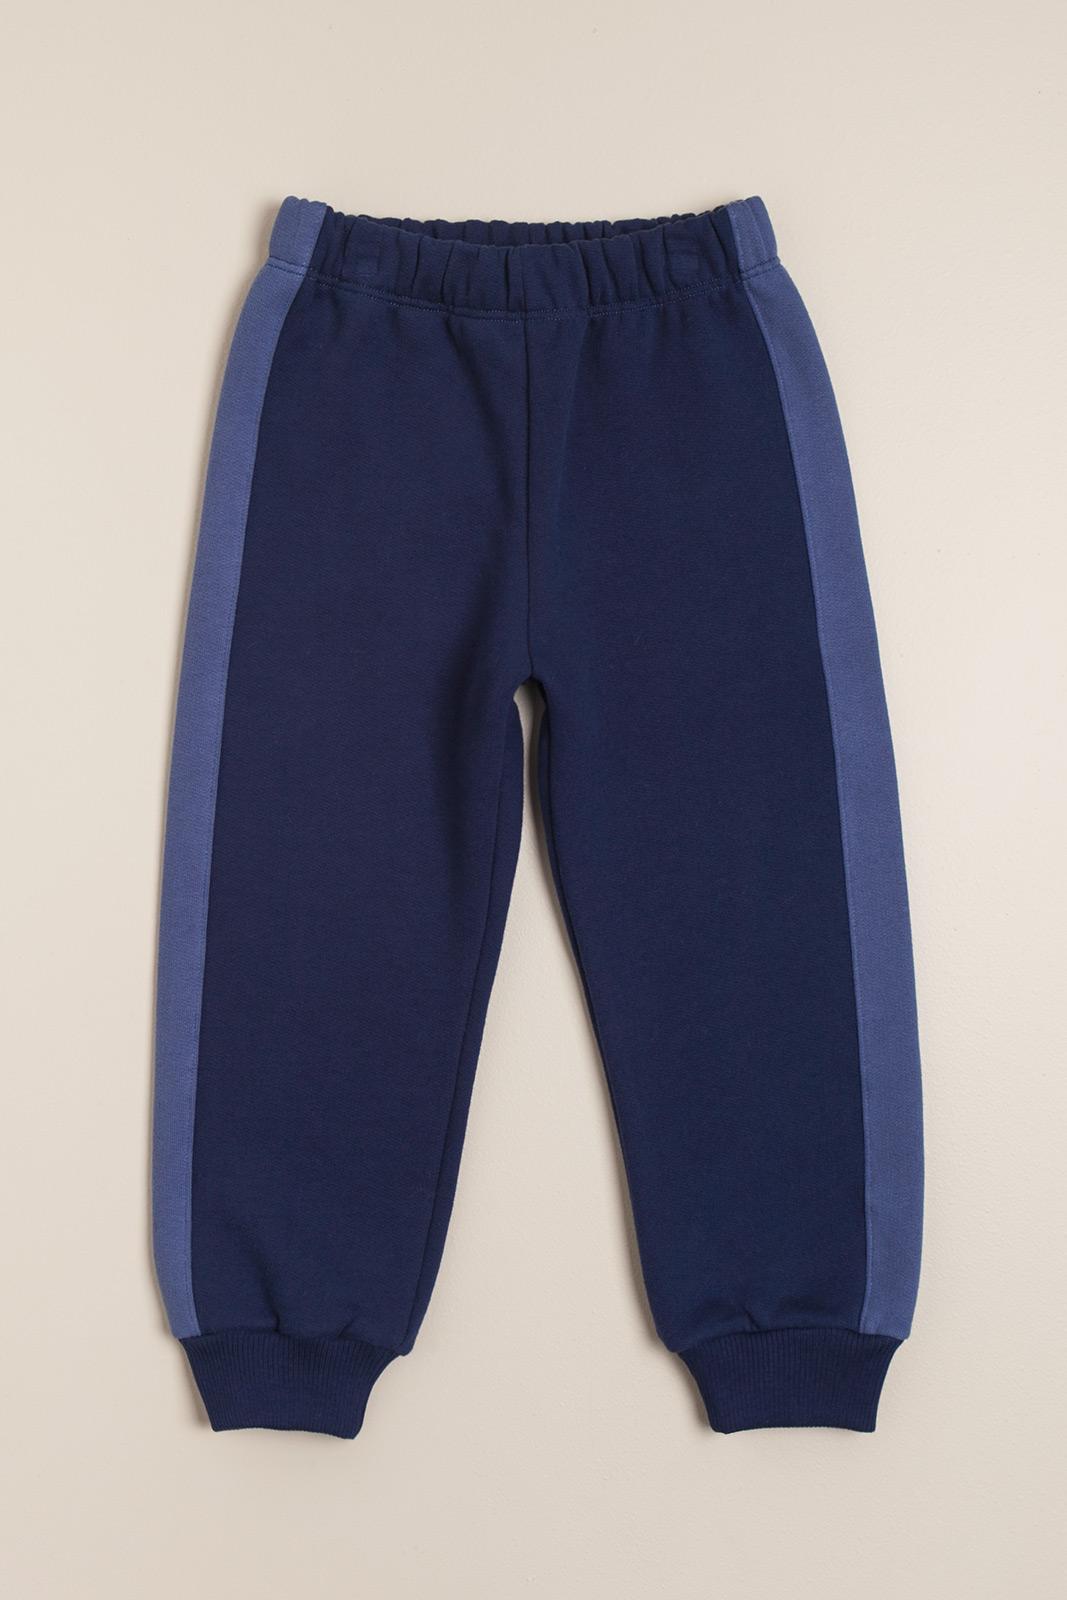 Pantalon de frisa con puño azul